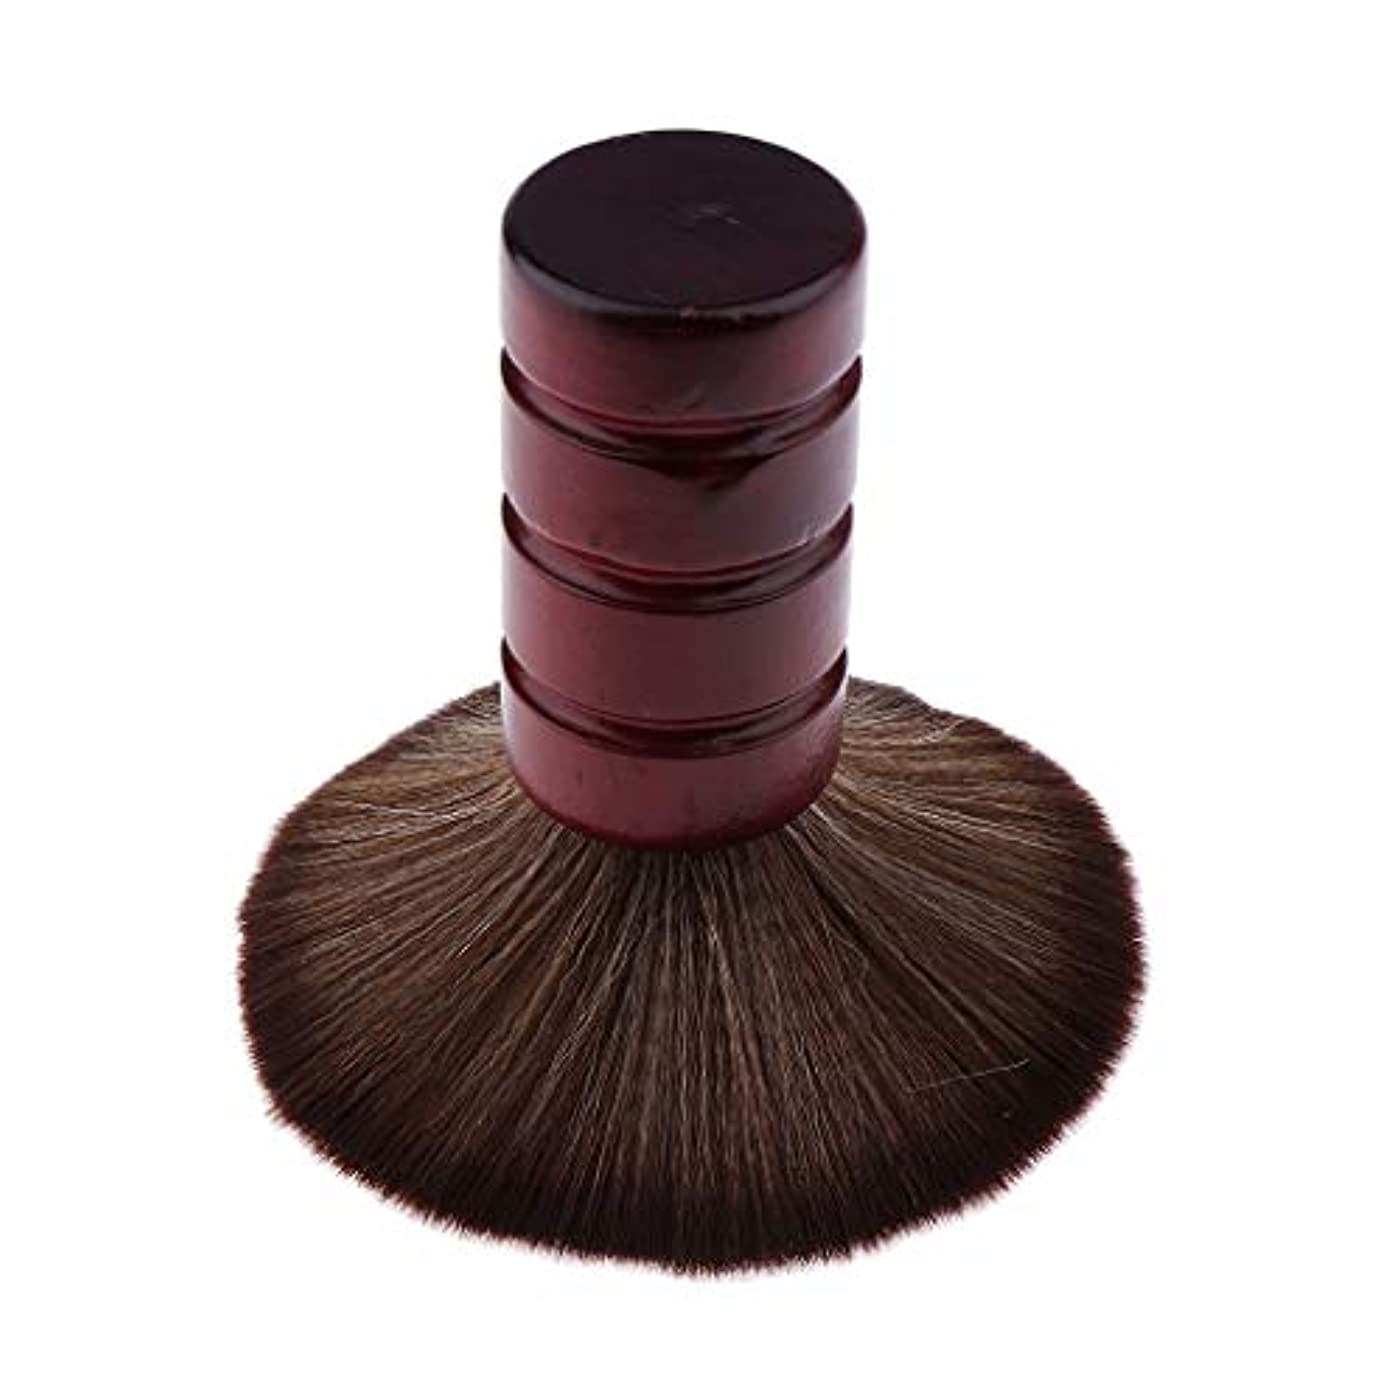 確認グレーディスクヘアカット ネックダスターブラシ バーバー ヘアーサロン シェービング 美容ブラシ